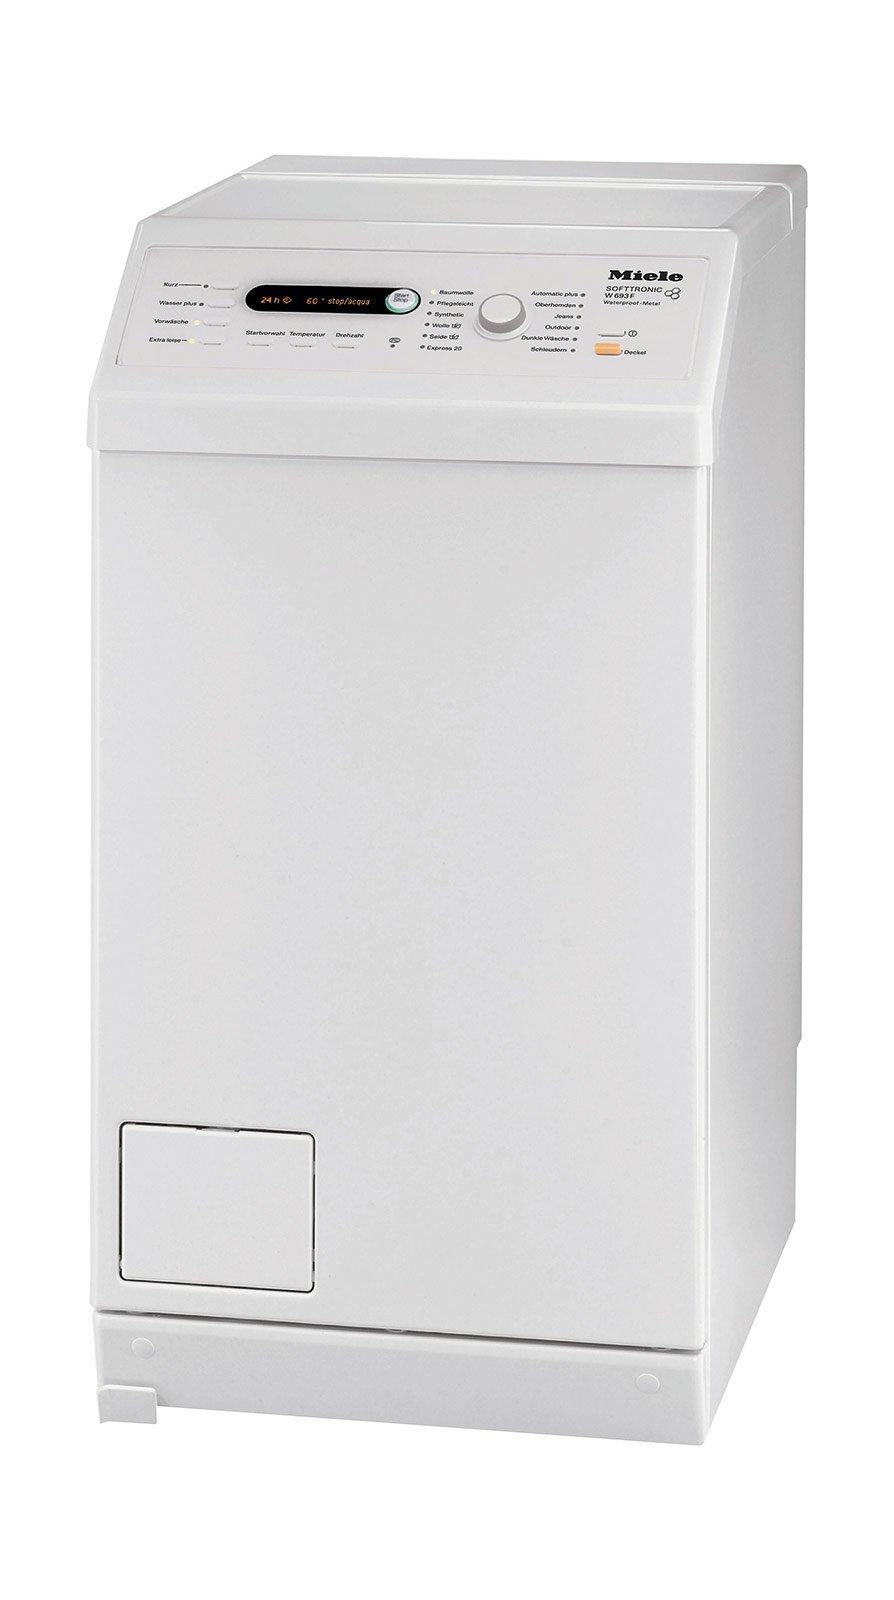 ... La Lavatrice A Carica Dallu0027alto In Classe A+++ Ha Capacità Di 5,5 ...